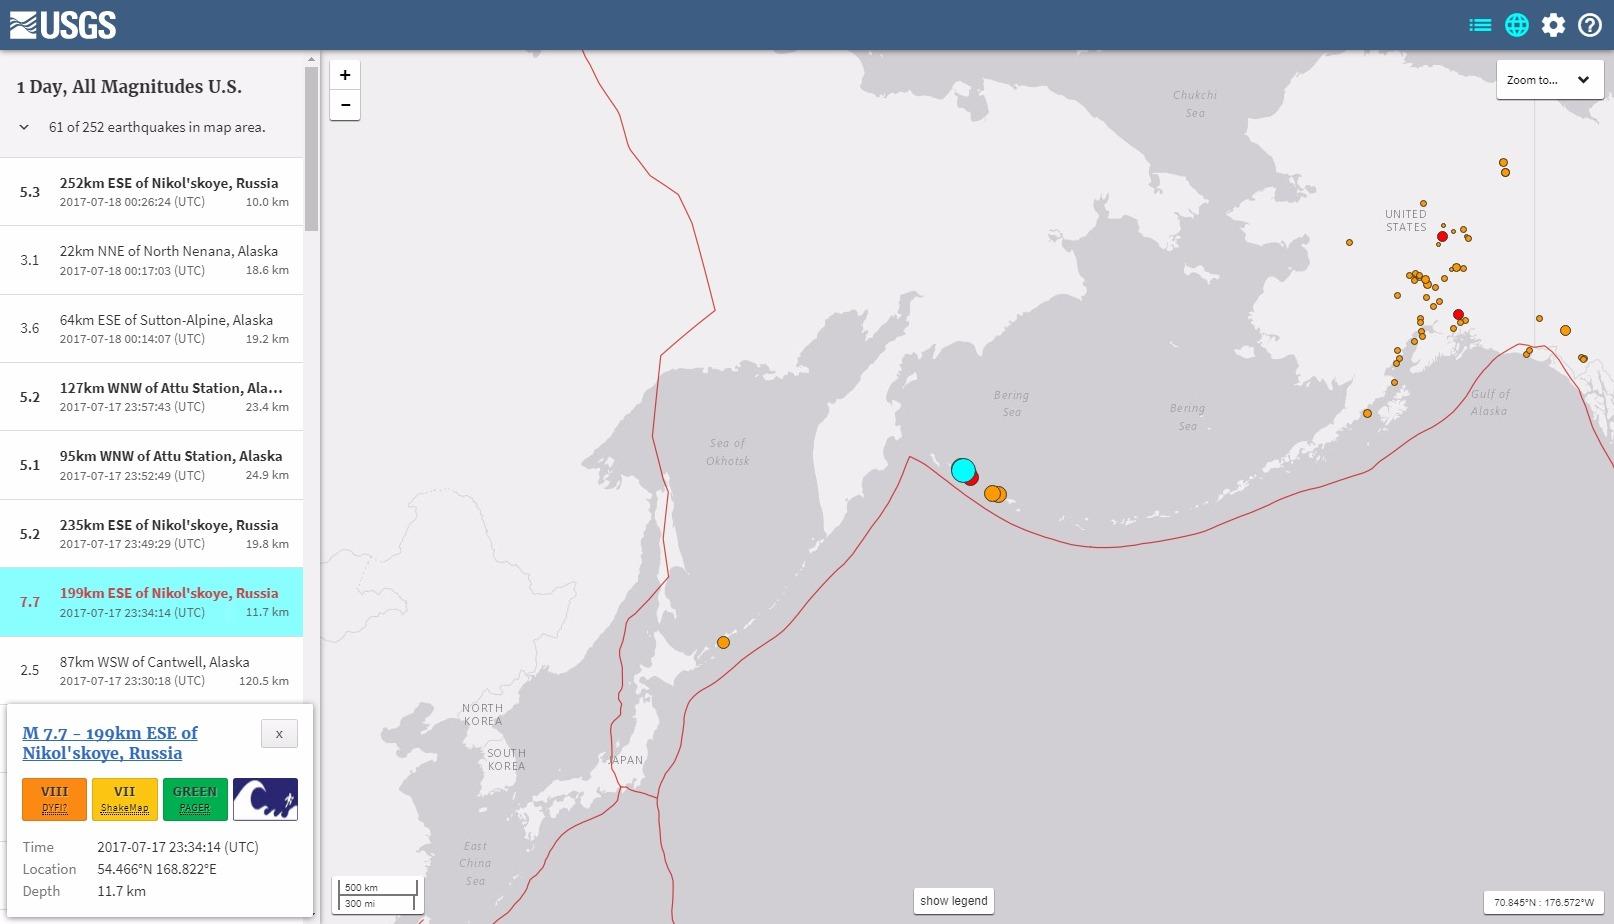 【海外】アリューシャン列島で「M7.7」の地震が発生